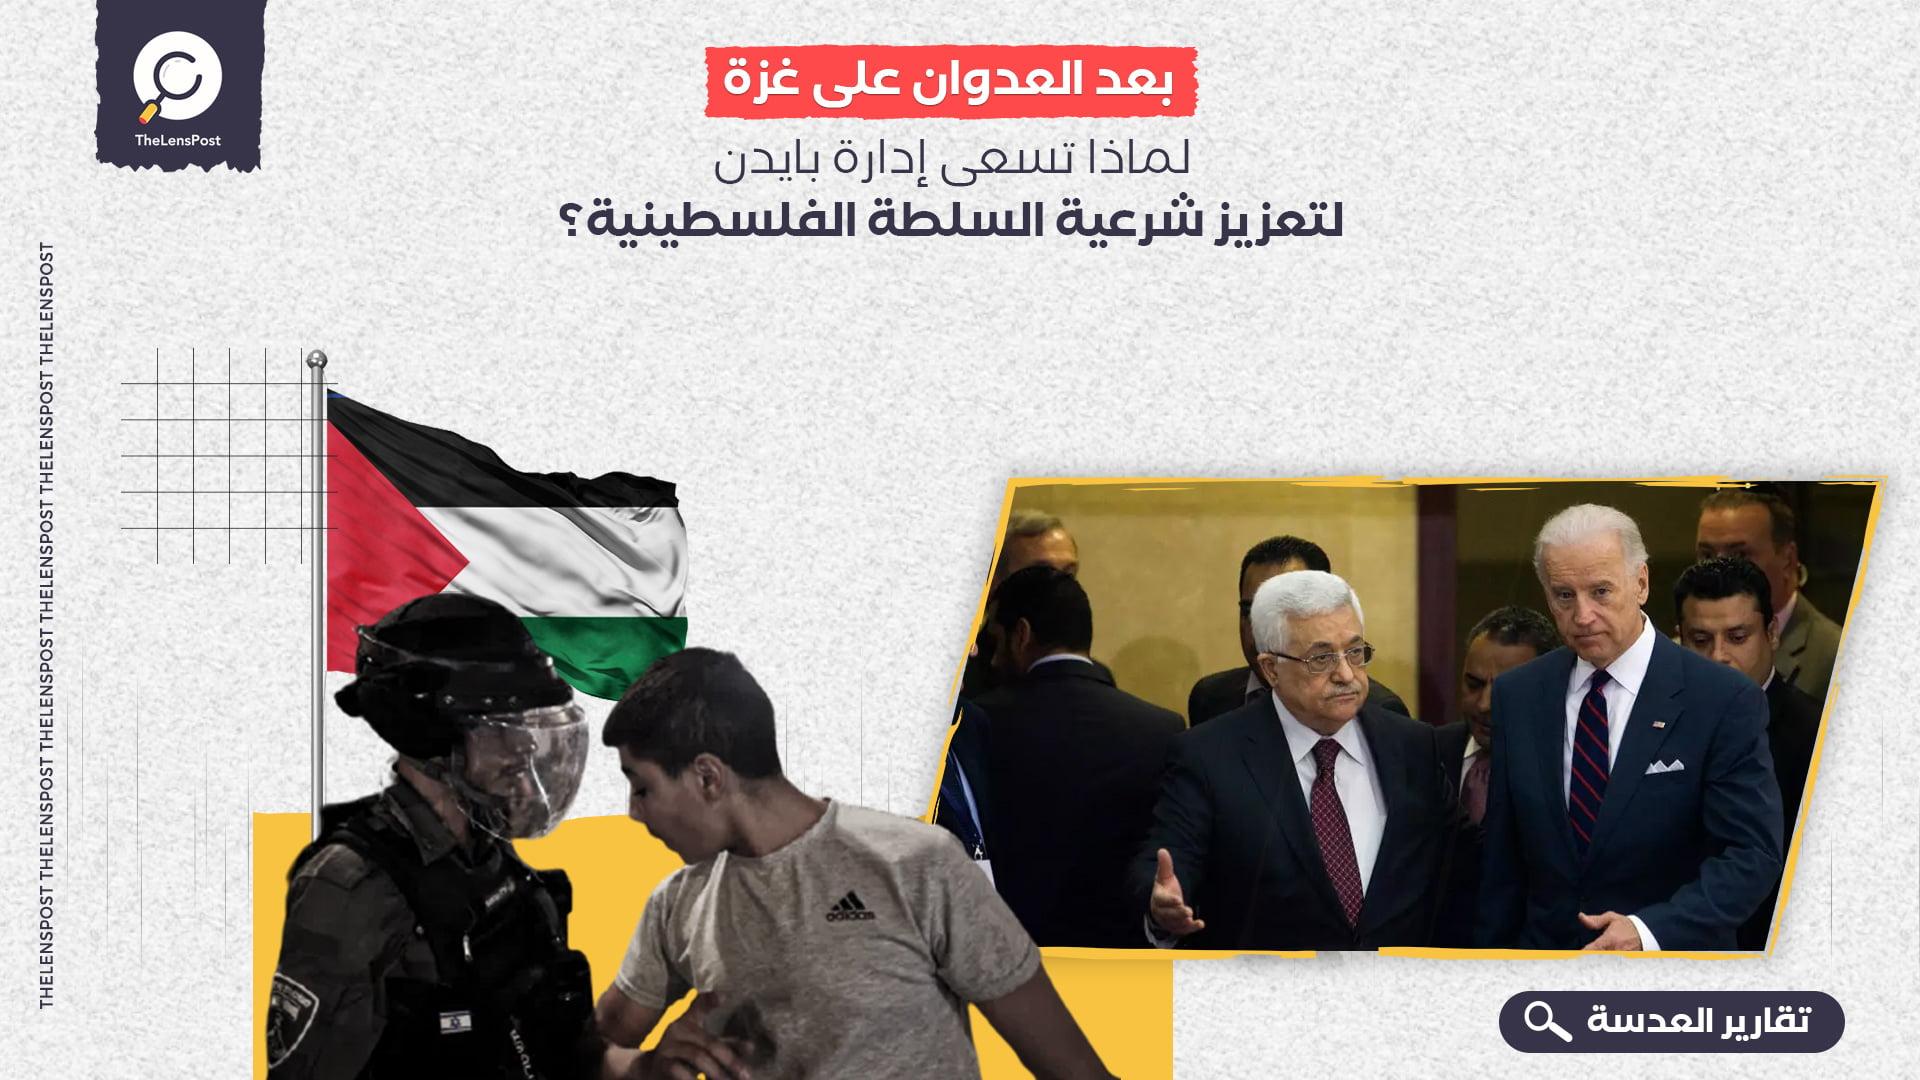 لماذا تسعى إدارة بايدن لتعزيز شرعية السلطة الفلسطينية بعد العدوان على غزة؟